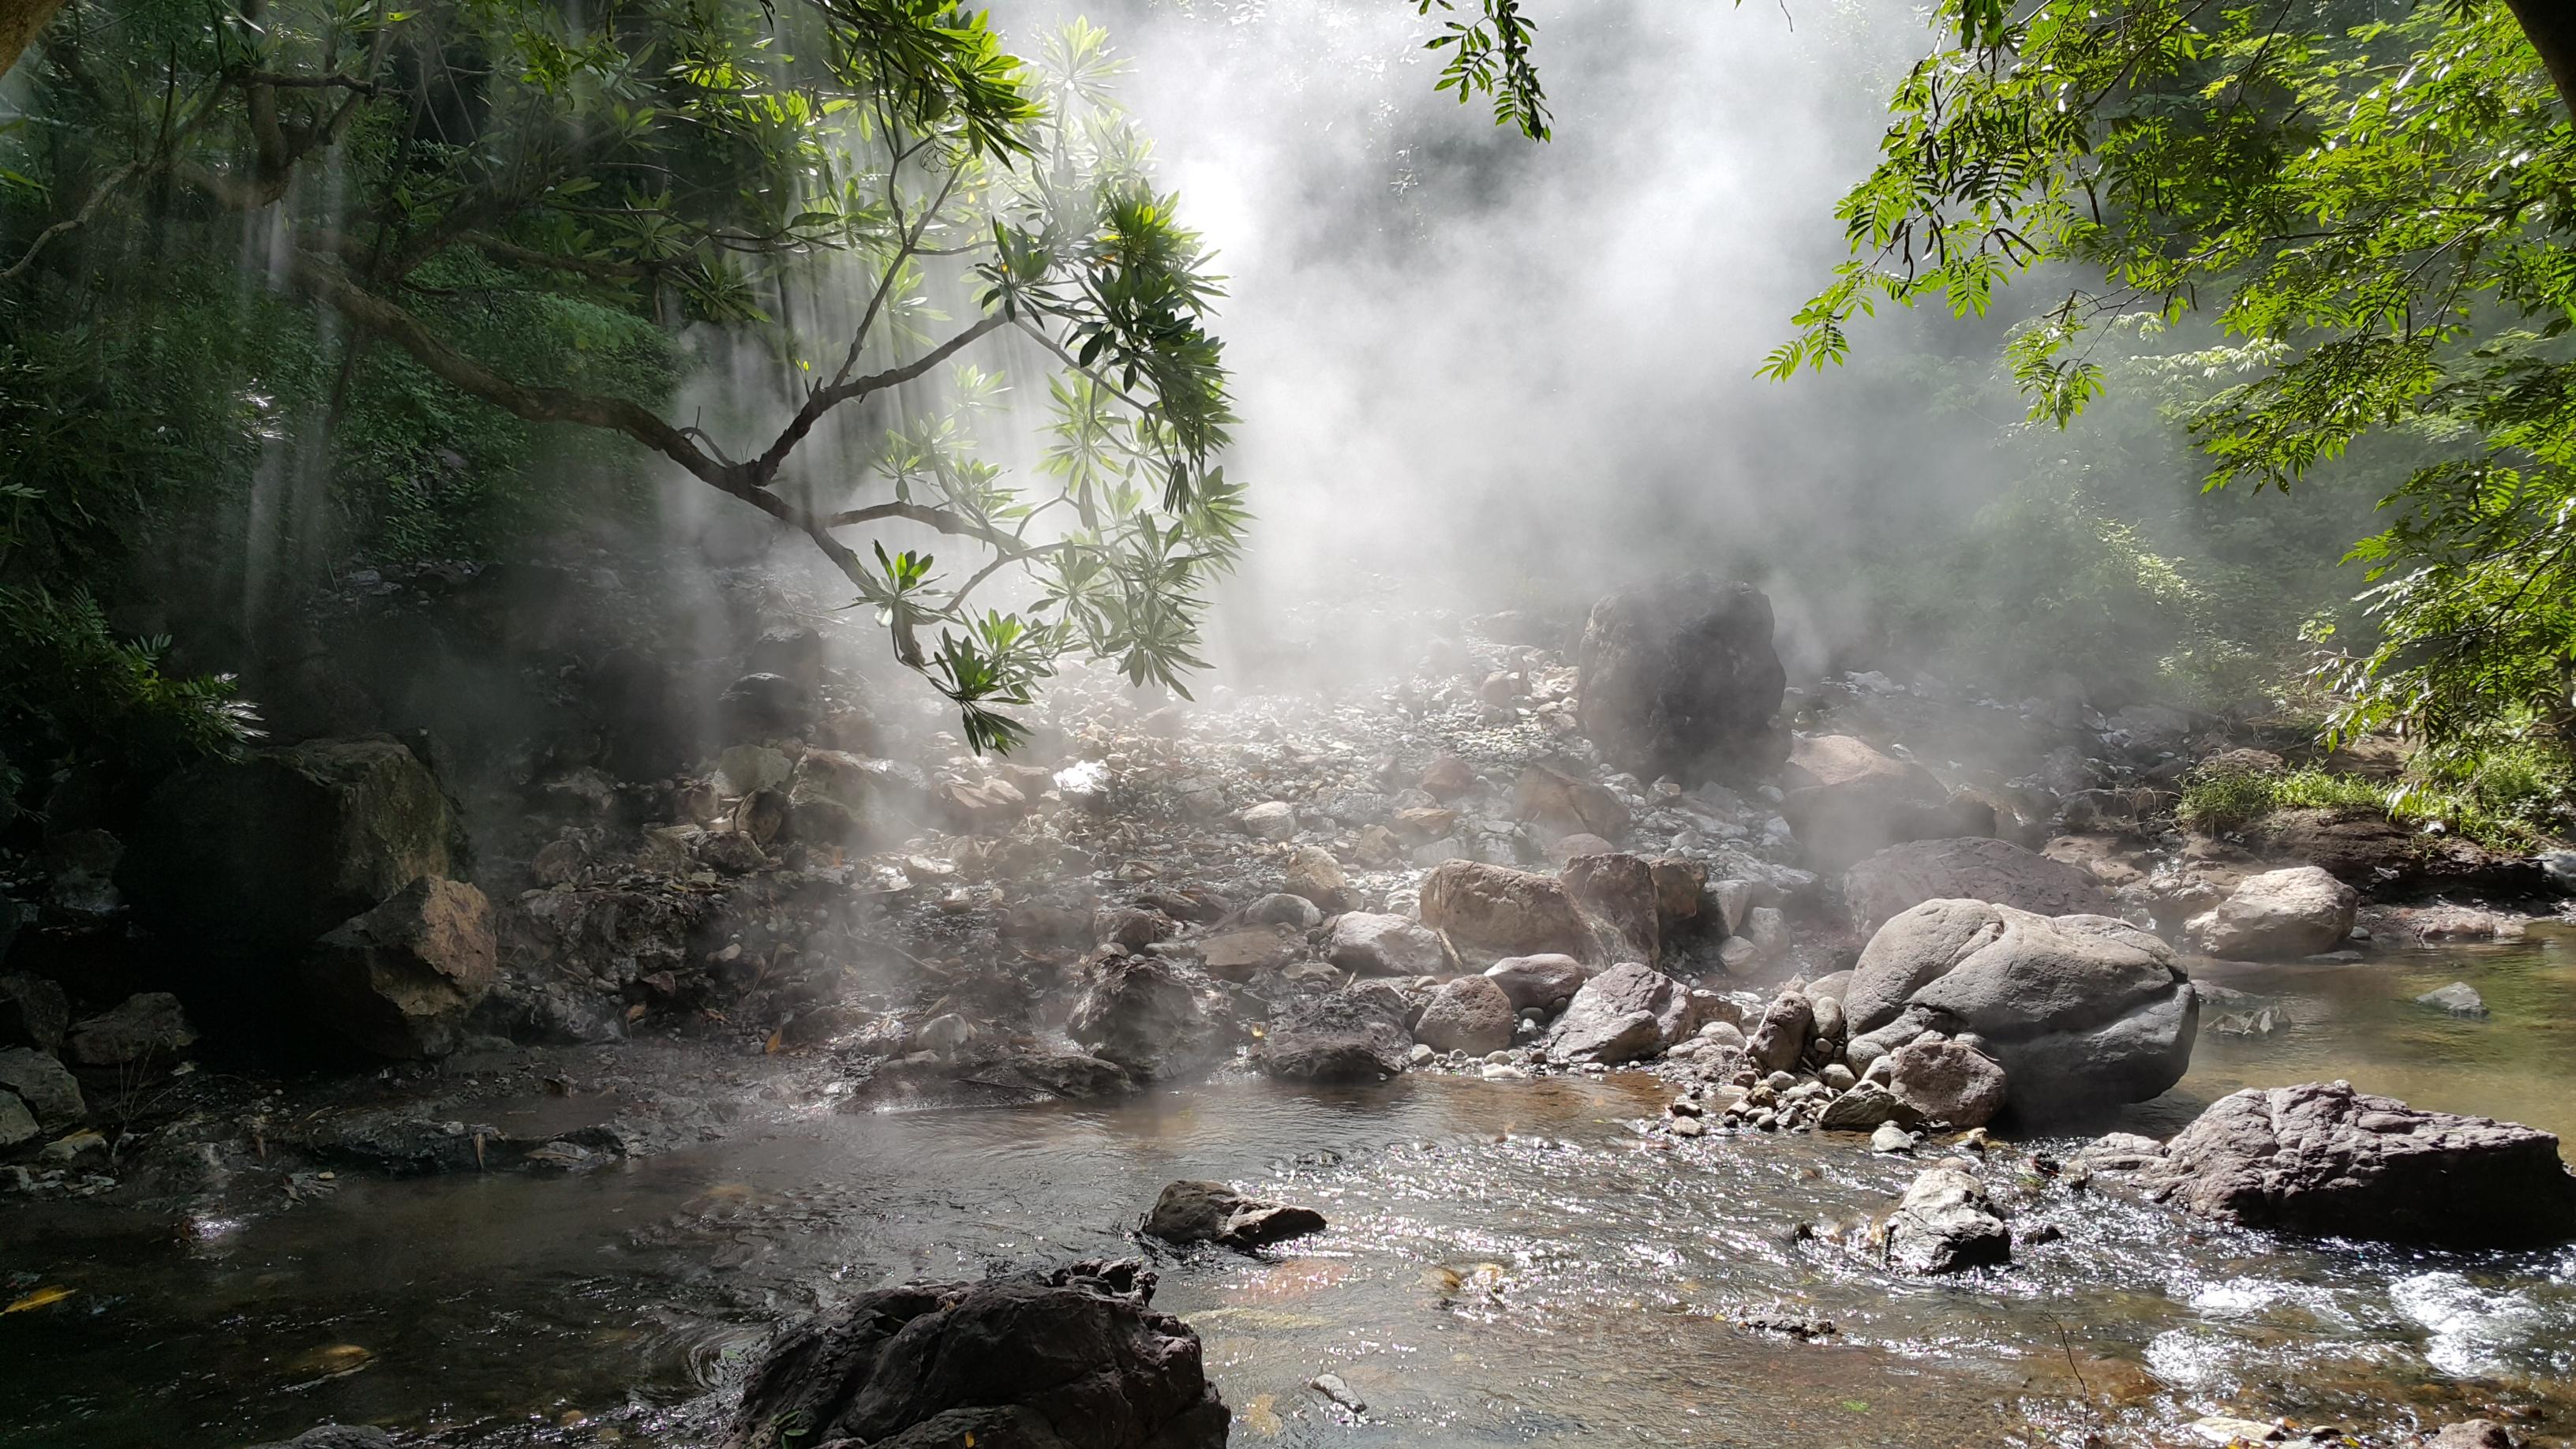 Archivo aguas wikipedia la enciclopedia libre for Aguas termales naturales en madrid